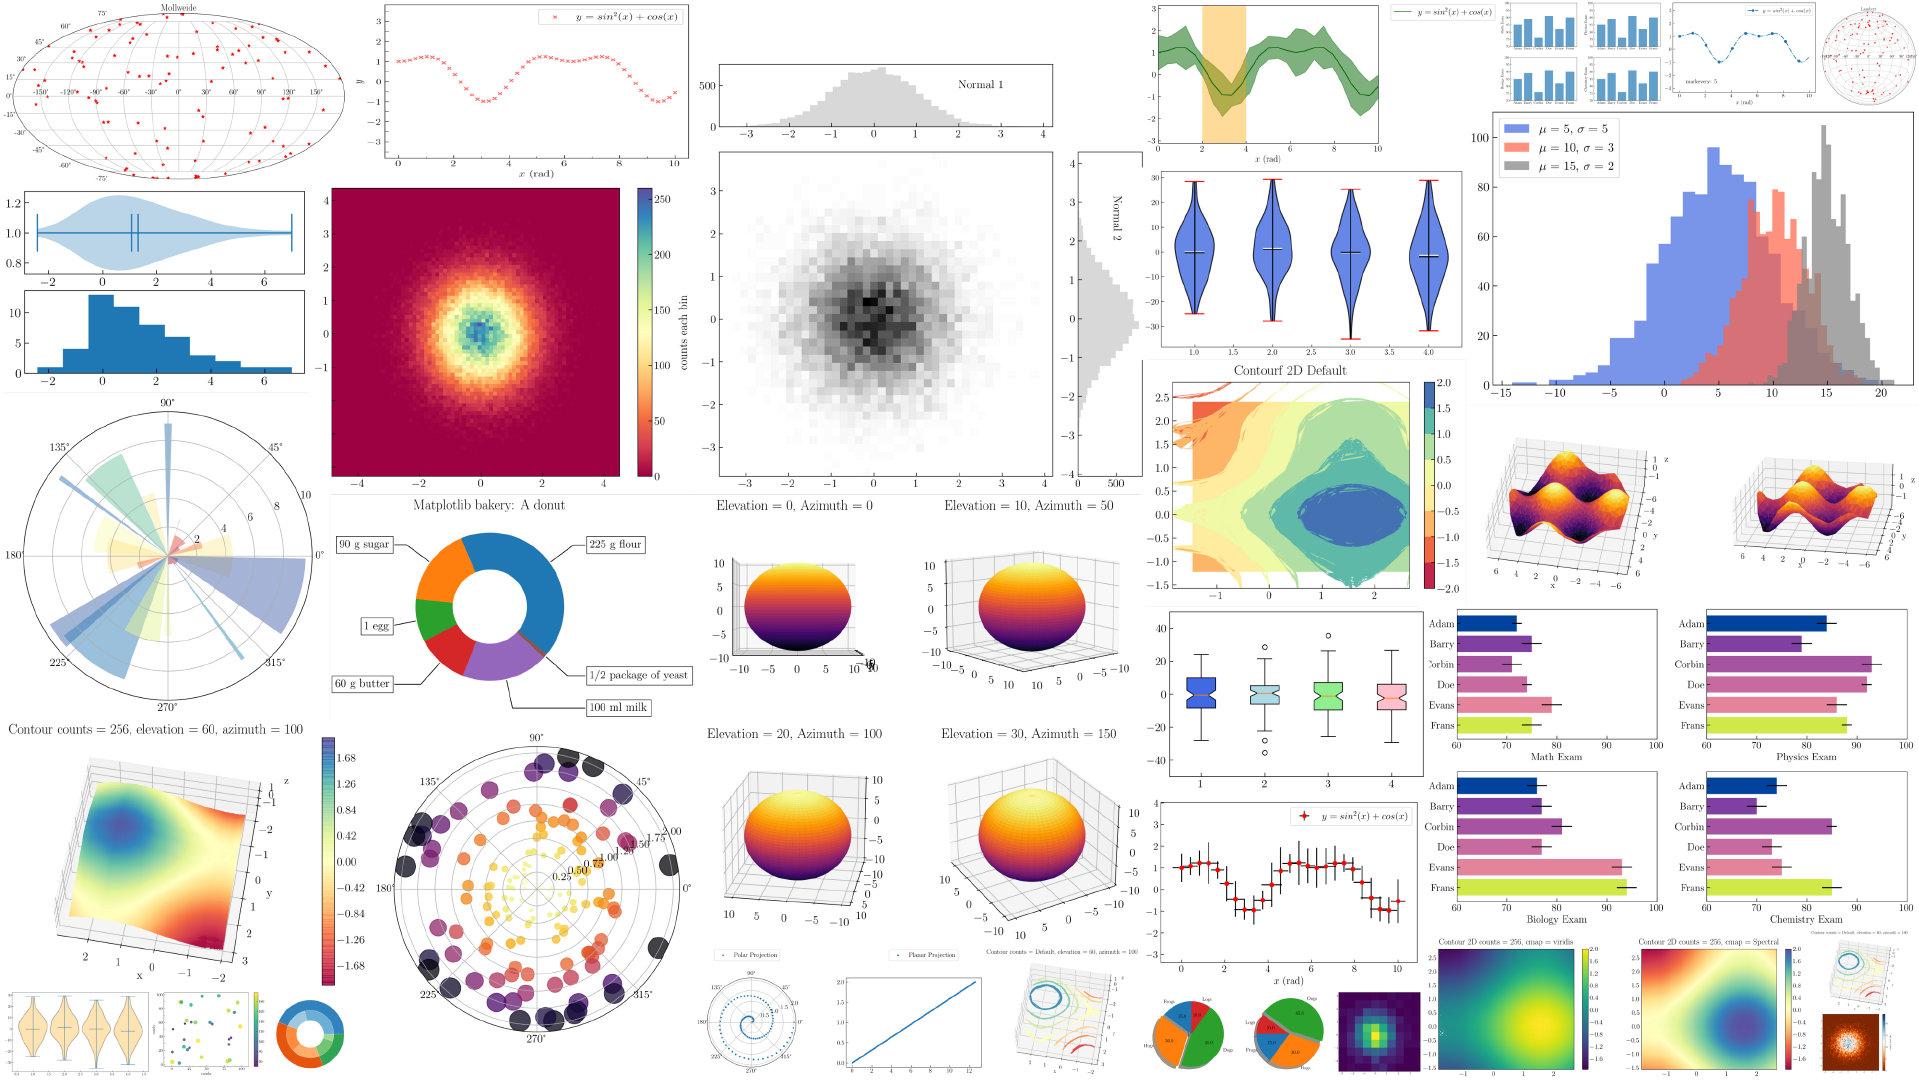 图1. Matplotlib 中生成的各种图